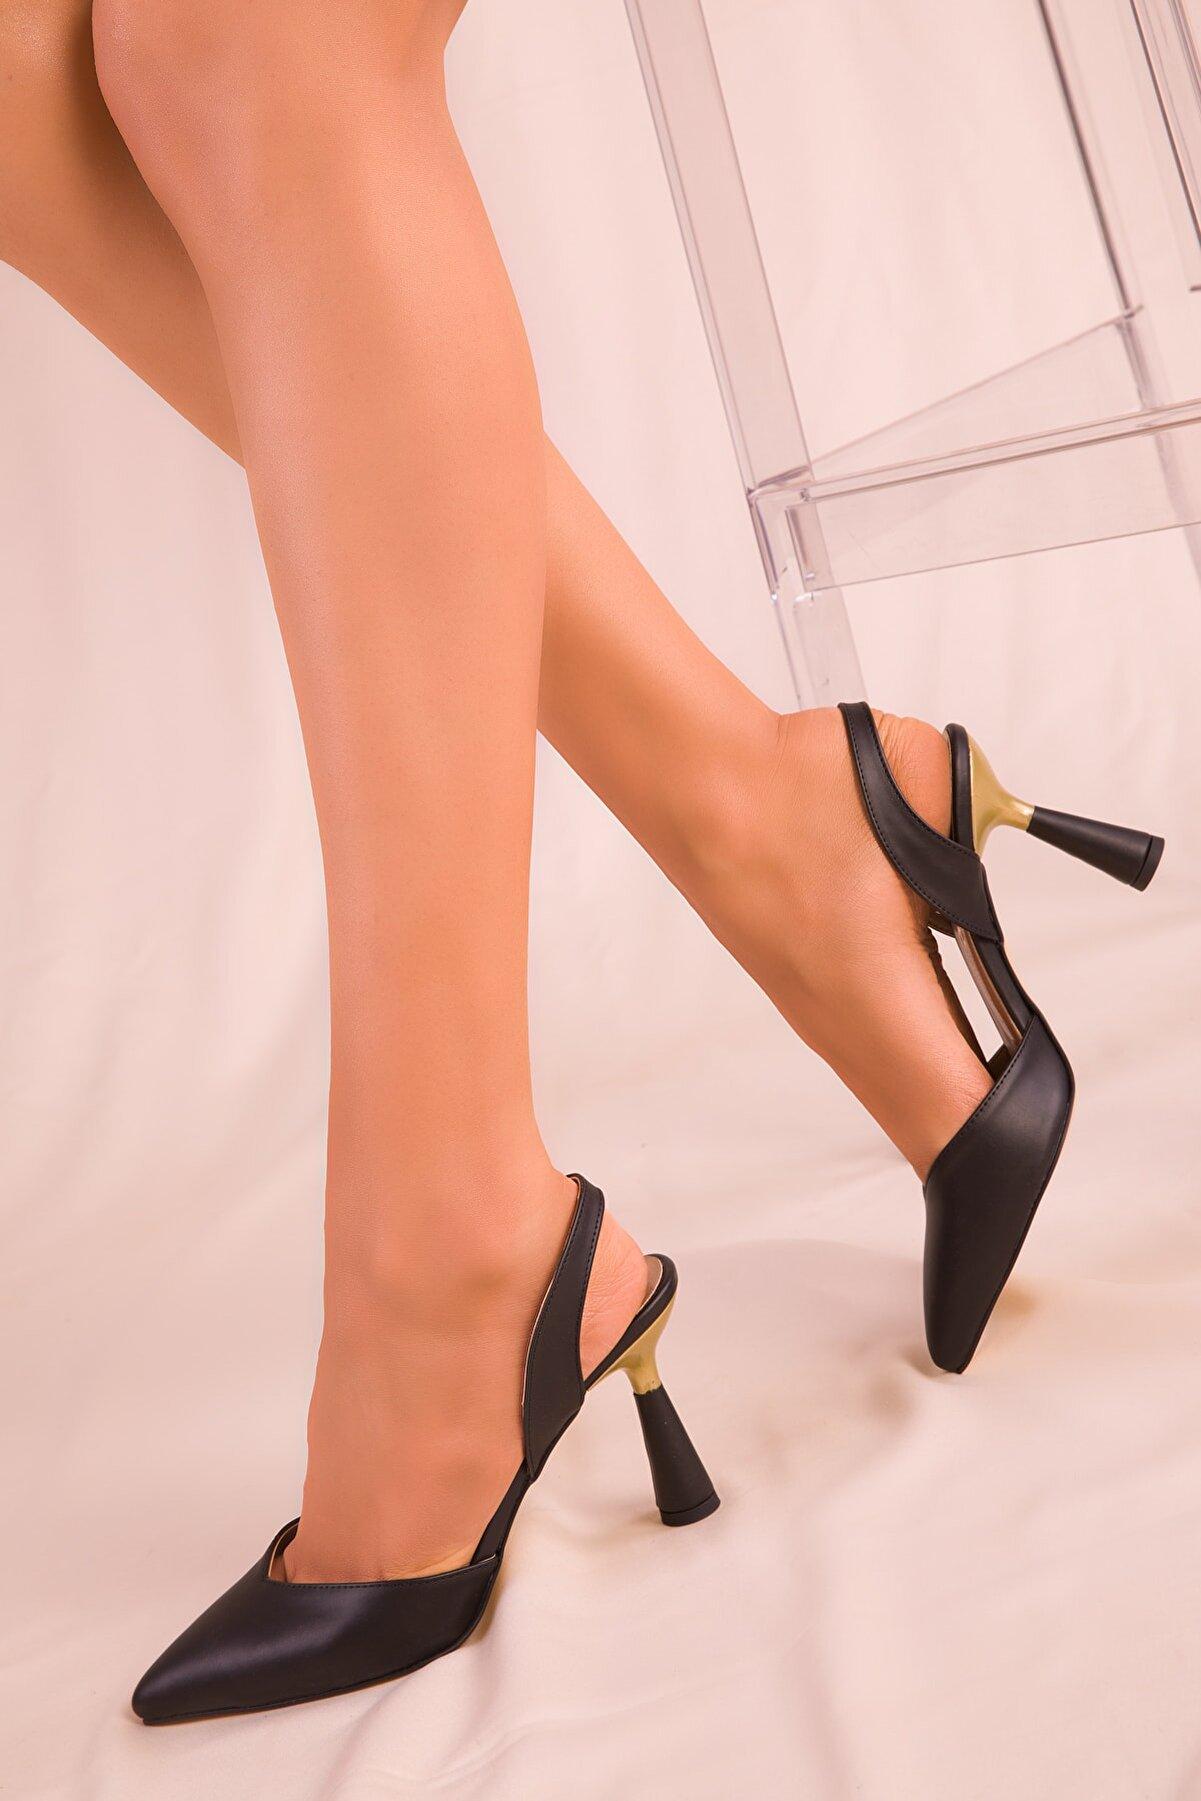 Soho Exclusive Siyah Kadın Klasik Topuklu Ayakkabı 15869